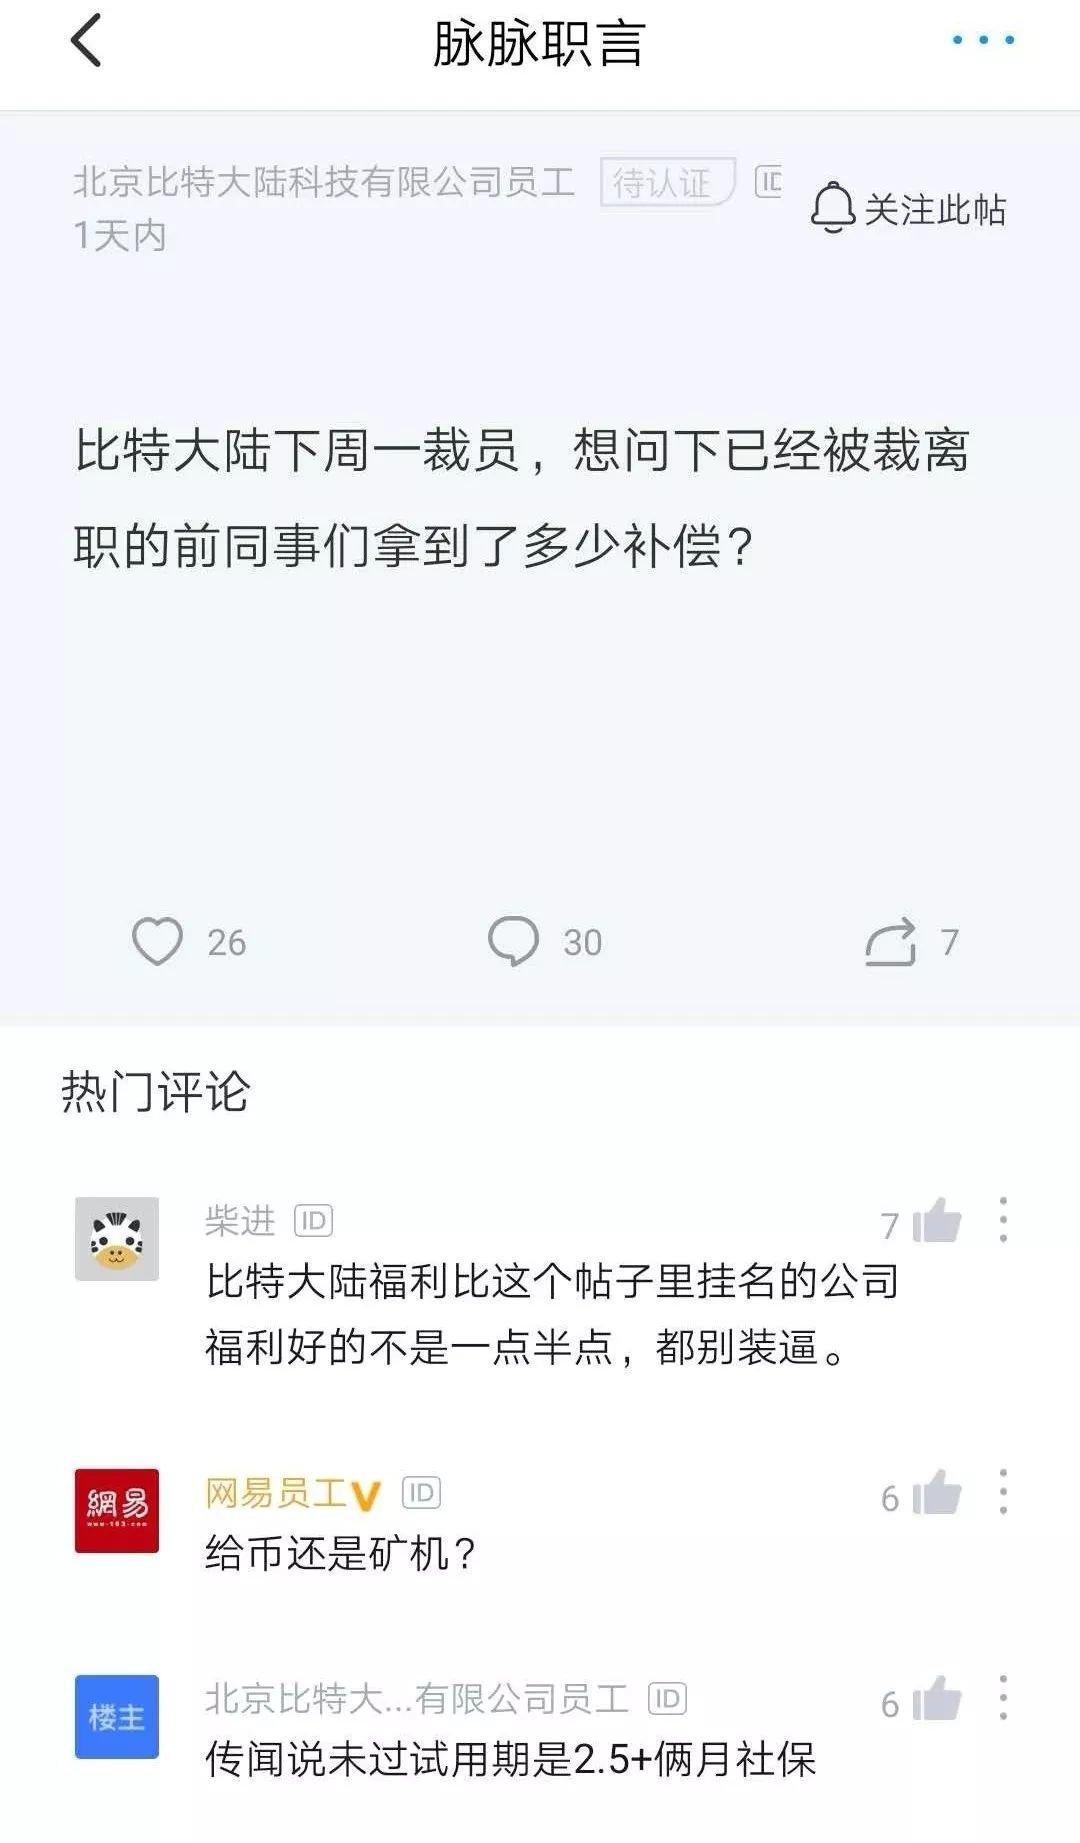 孙宇晨凉透?网传波场公司招聘员工需自己交社保